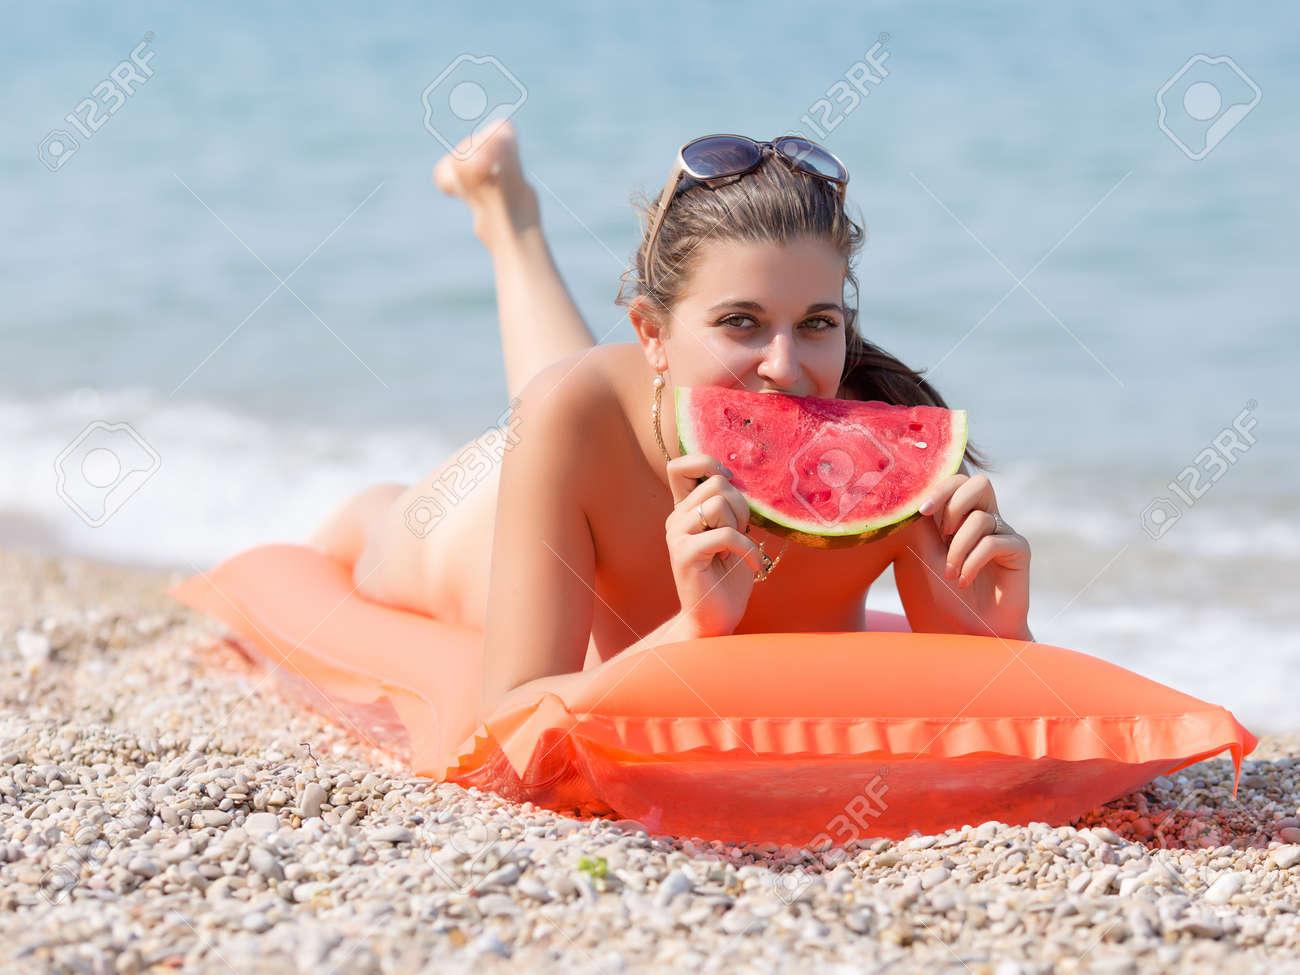 Pinksex Girl Eating Girl Action Naked